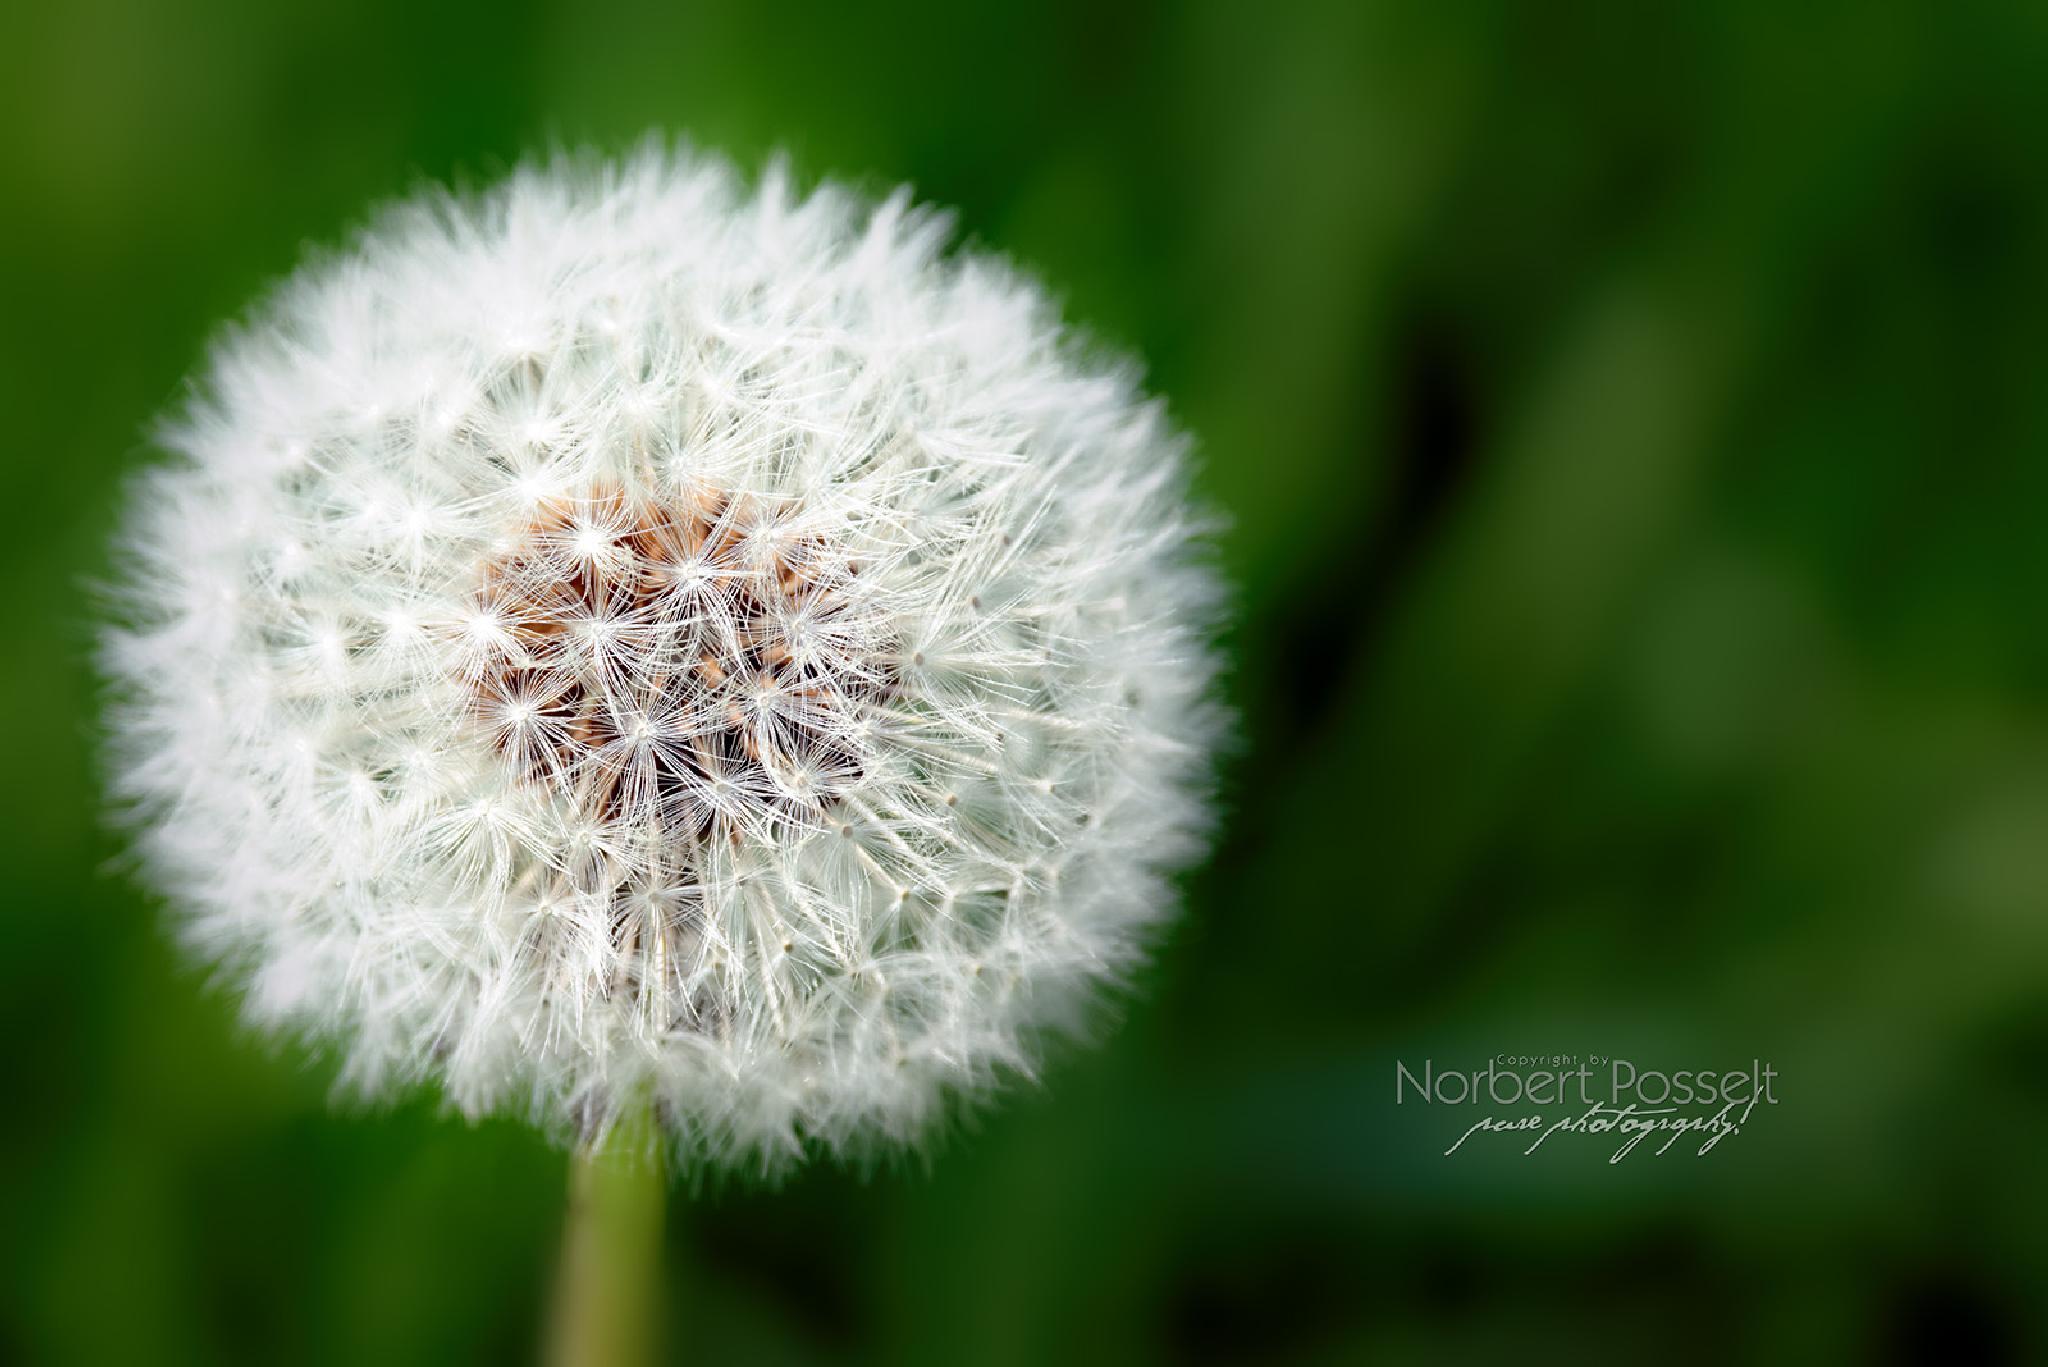 Dandelion by Norbert Posselt